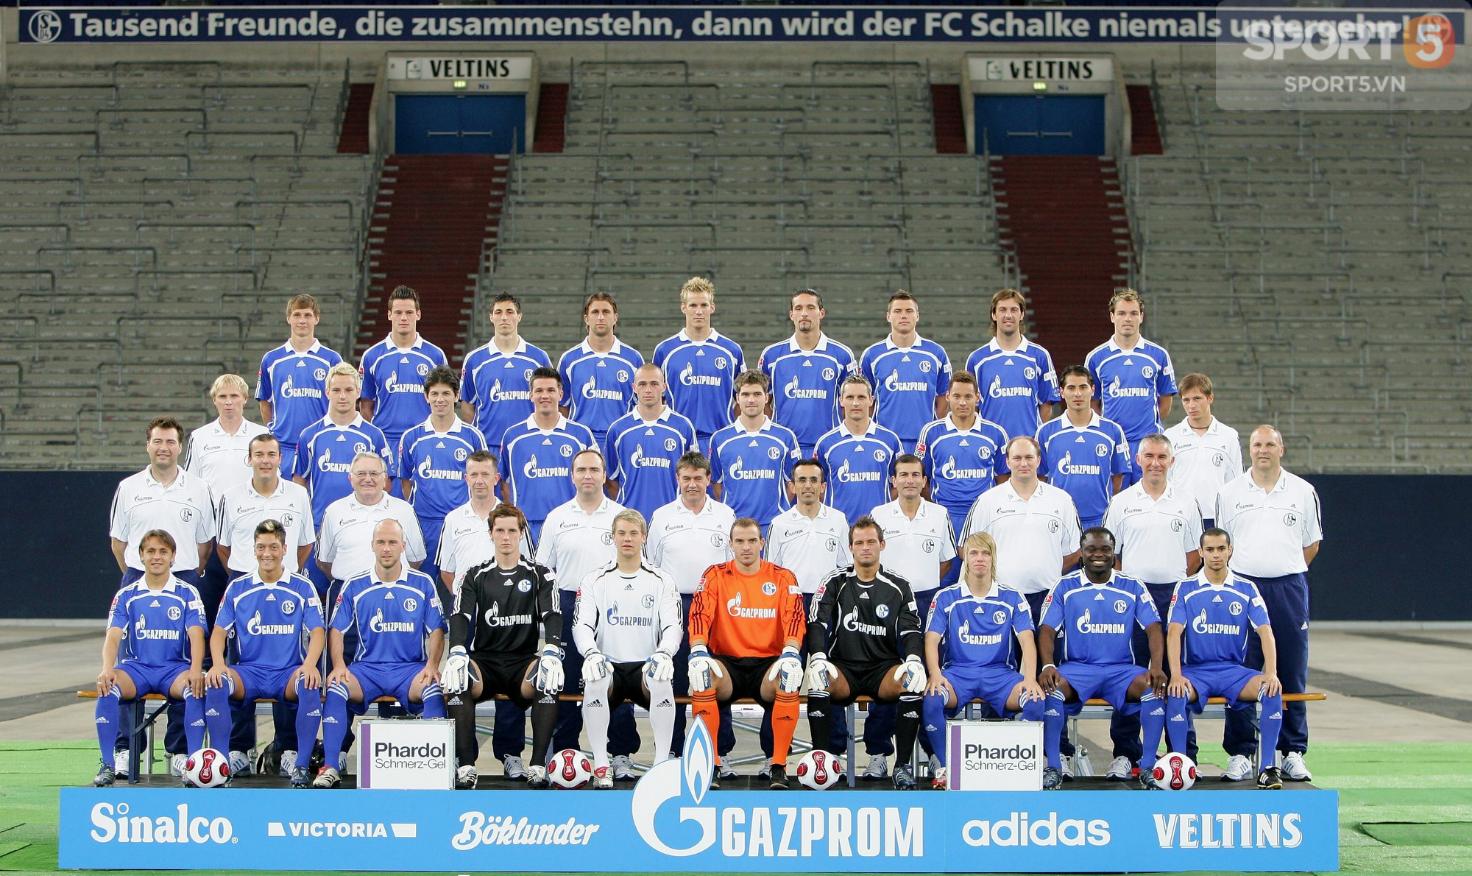 Tự truyện Mesut Oezil (chương 5): Ivan Rakitic và mưu hèn kế bẩn của ban lãnh đạo Schalke 04 - Ảnh 2.